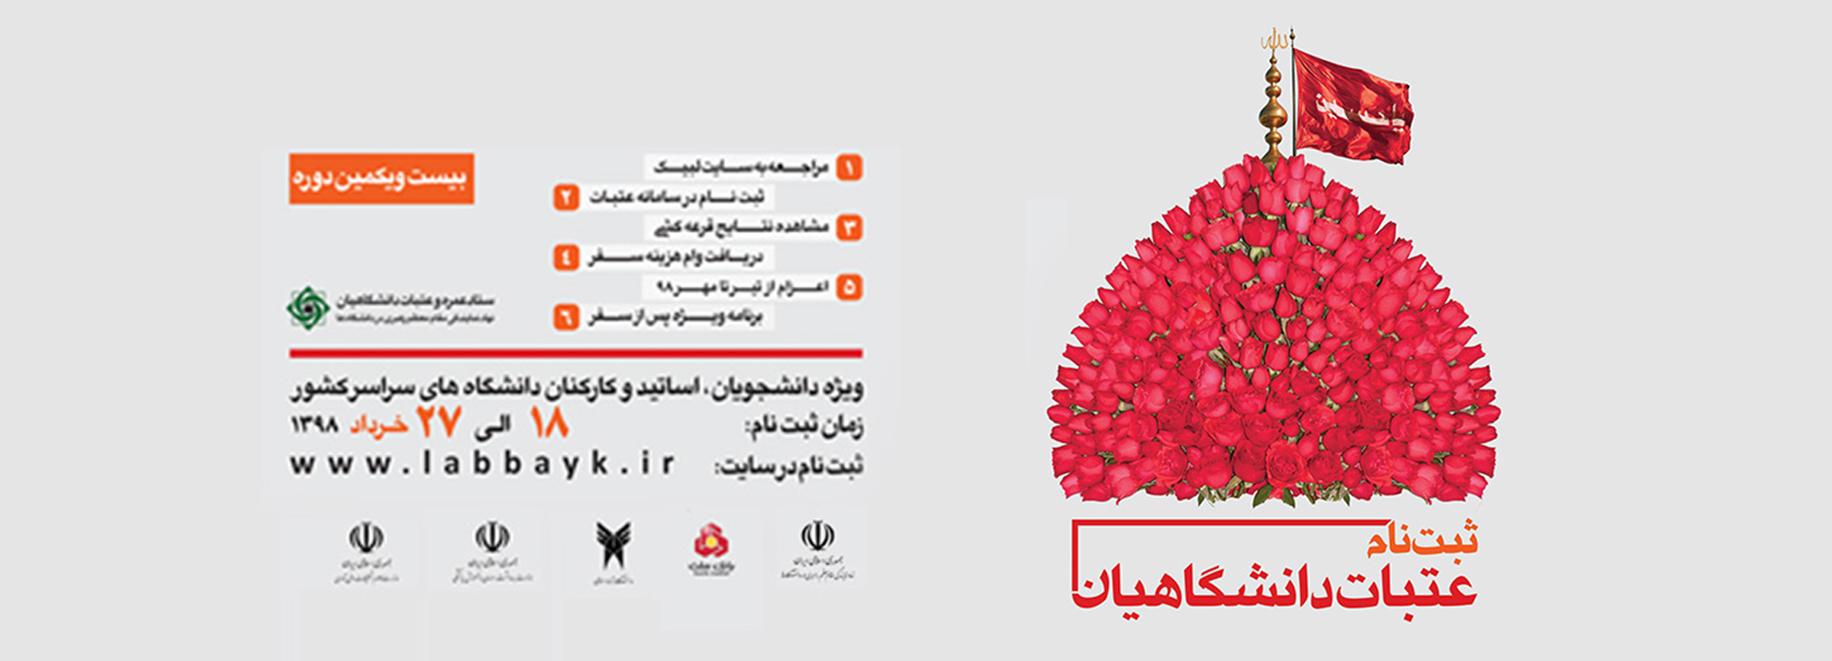 ثبت نام عتبات دانشگاهیان از ۱۸ خرداد ماه انجام خواهد شد